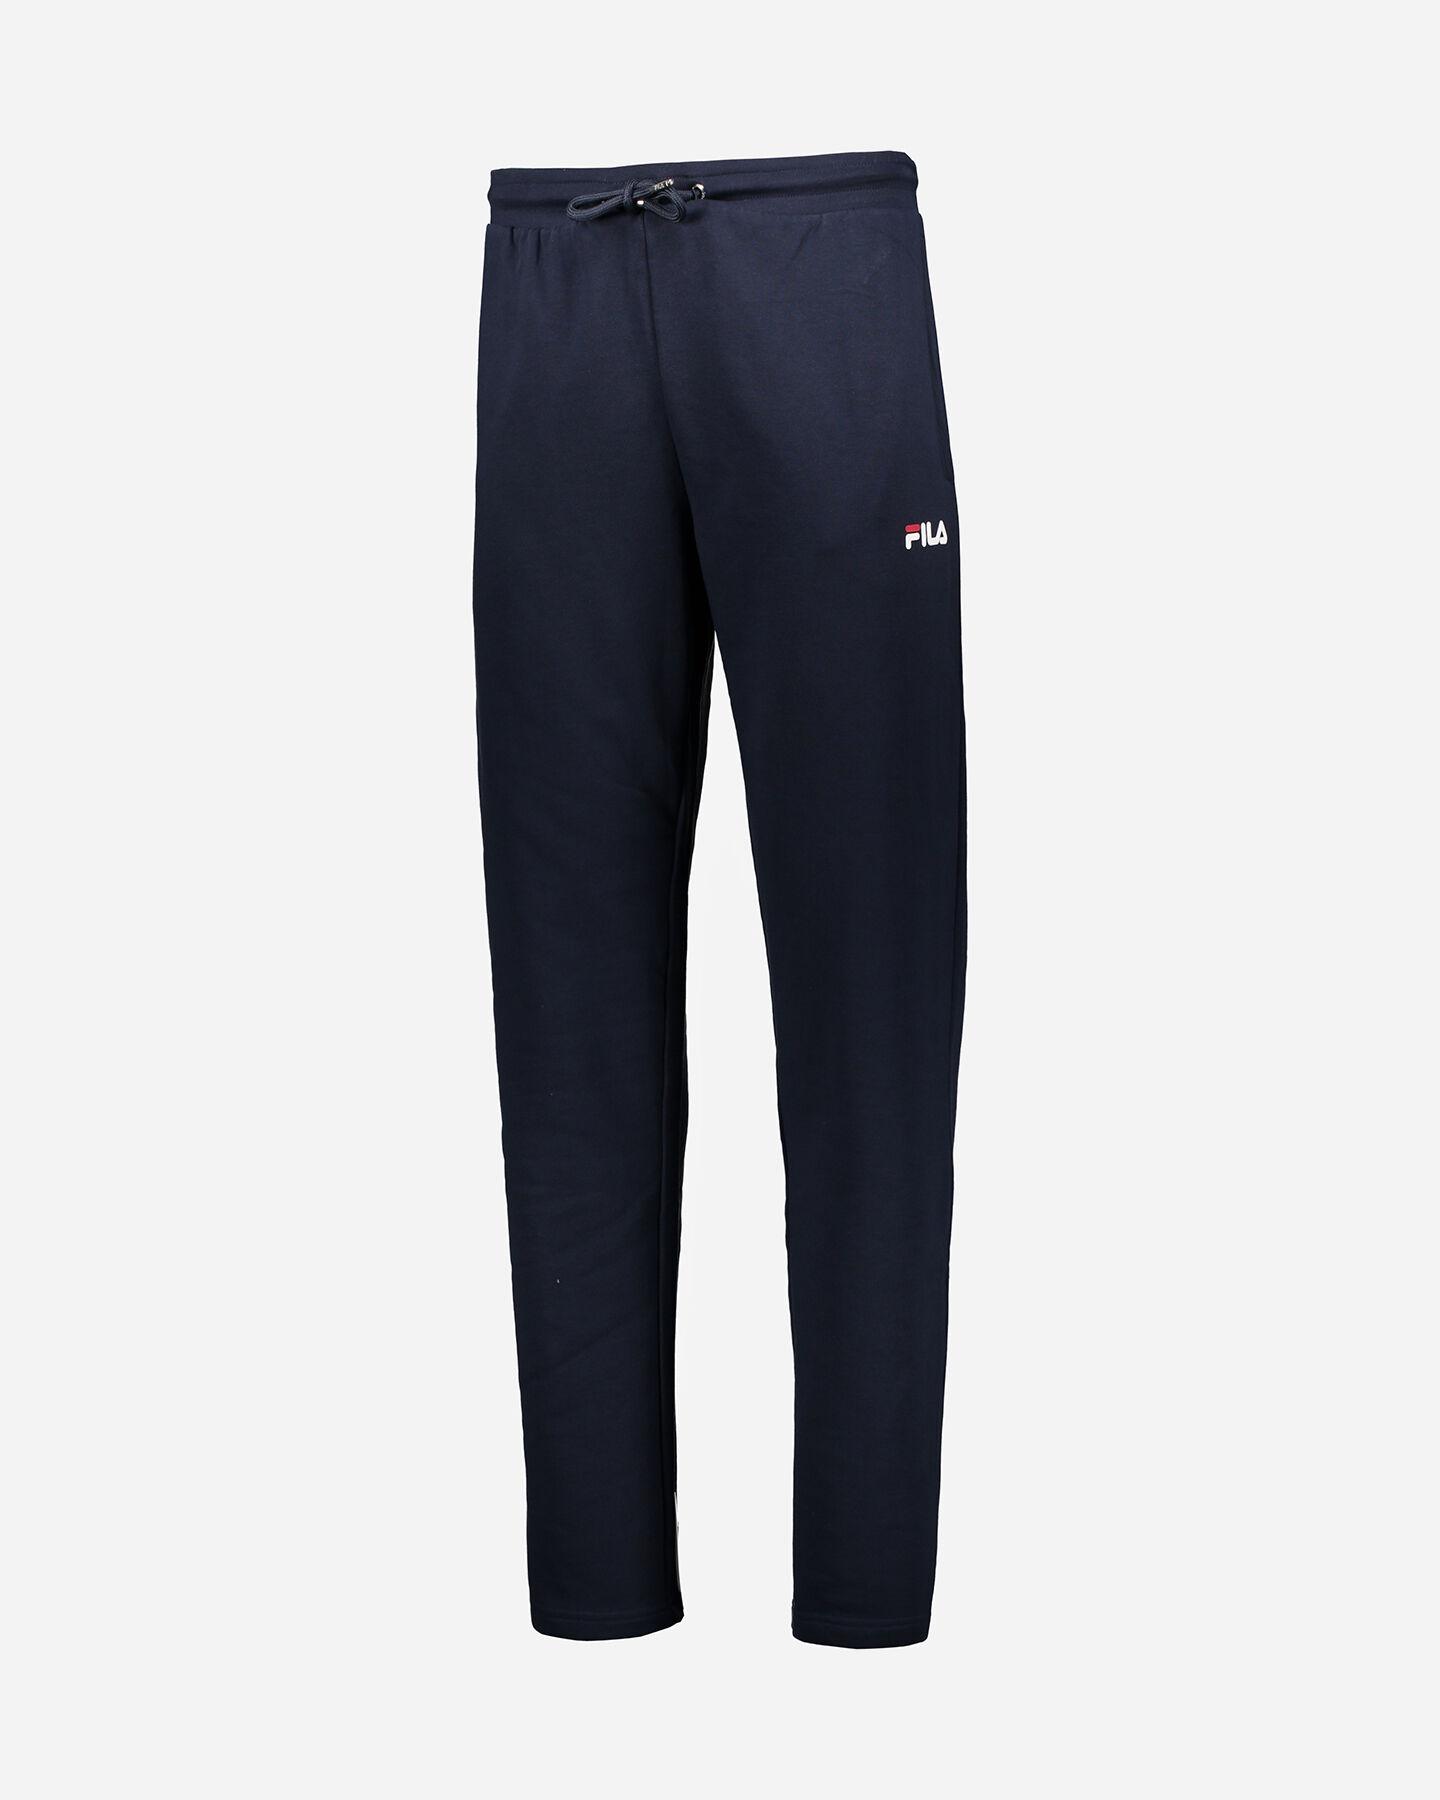 Pantalone FILA LOGO M S4067103 scatto 4